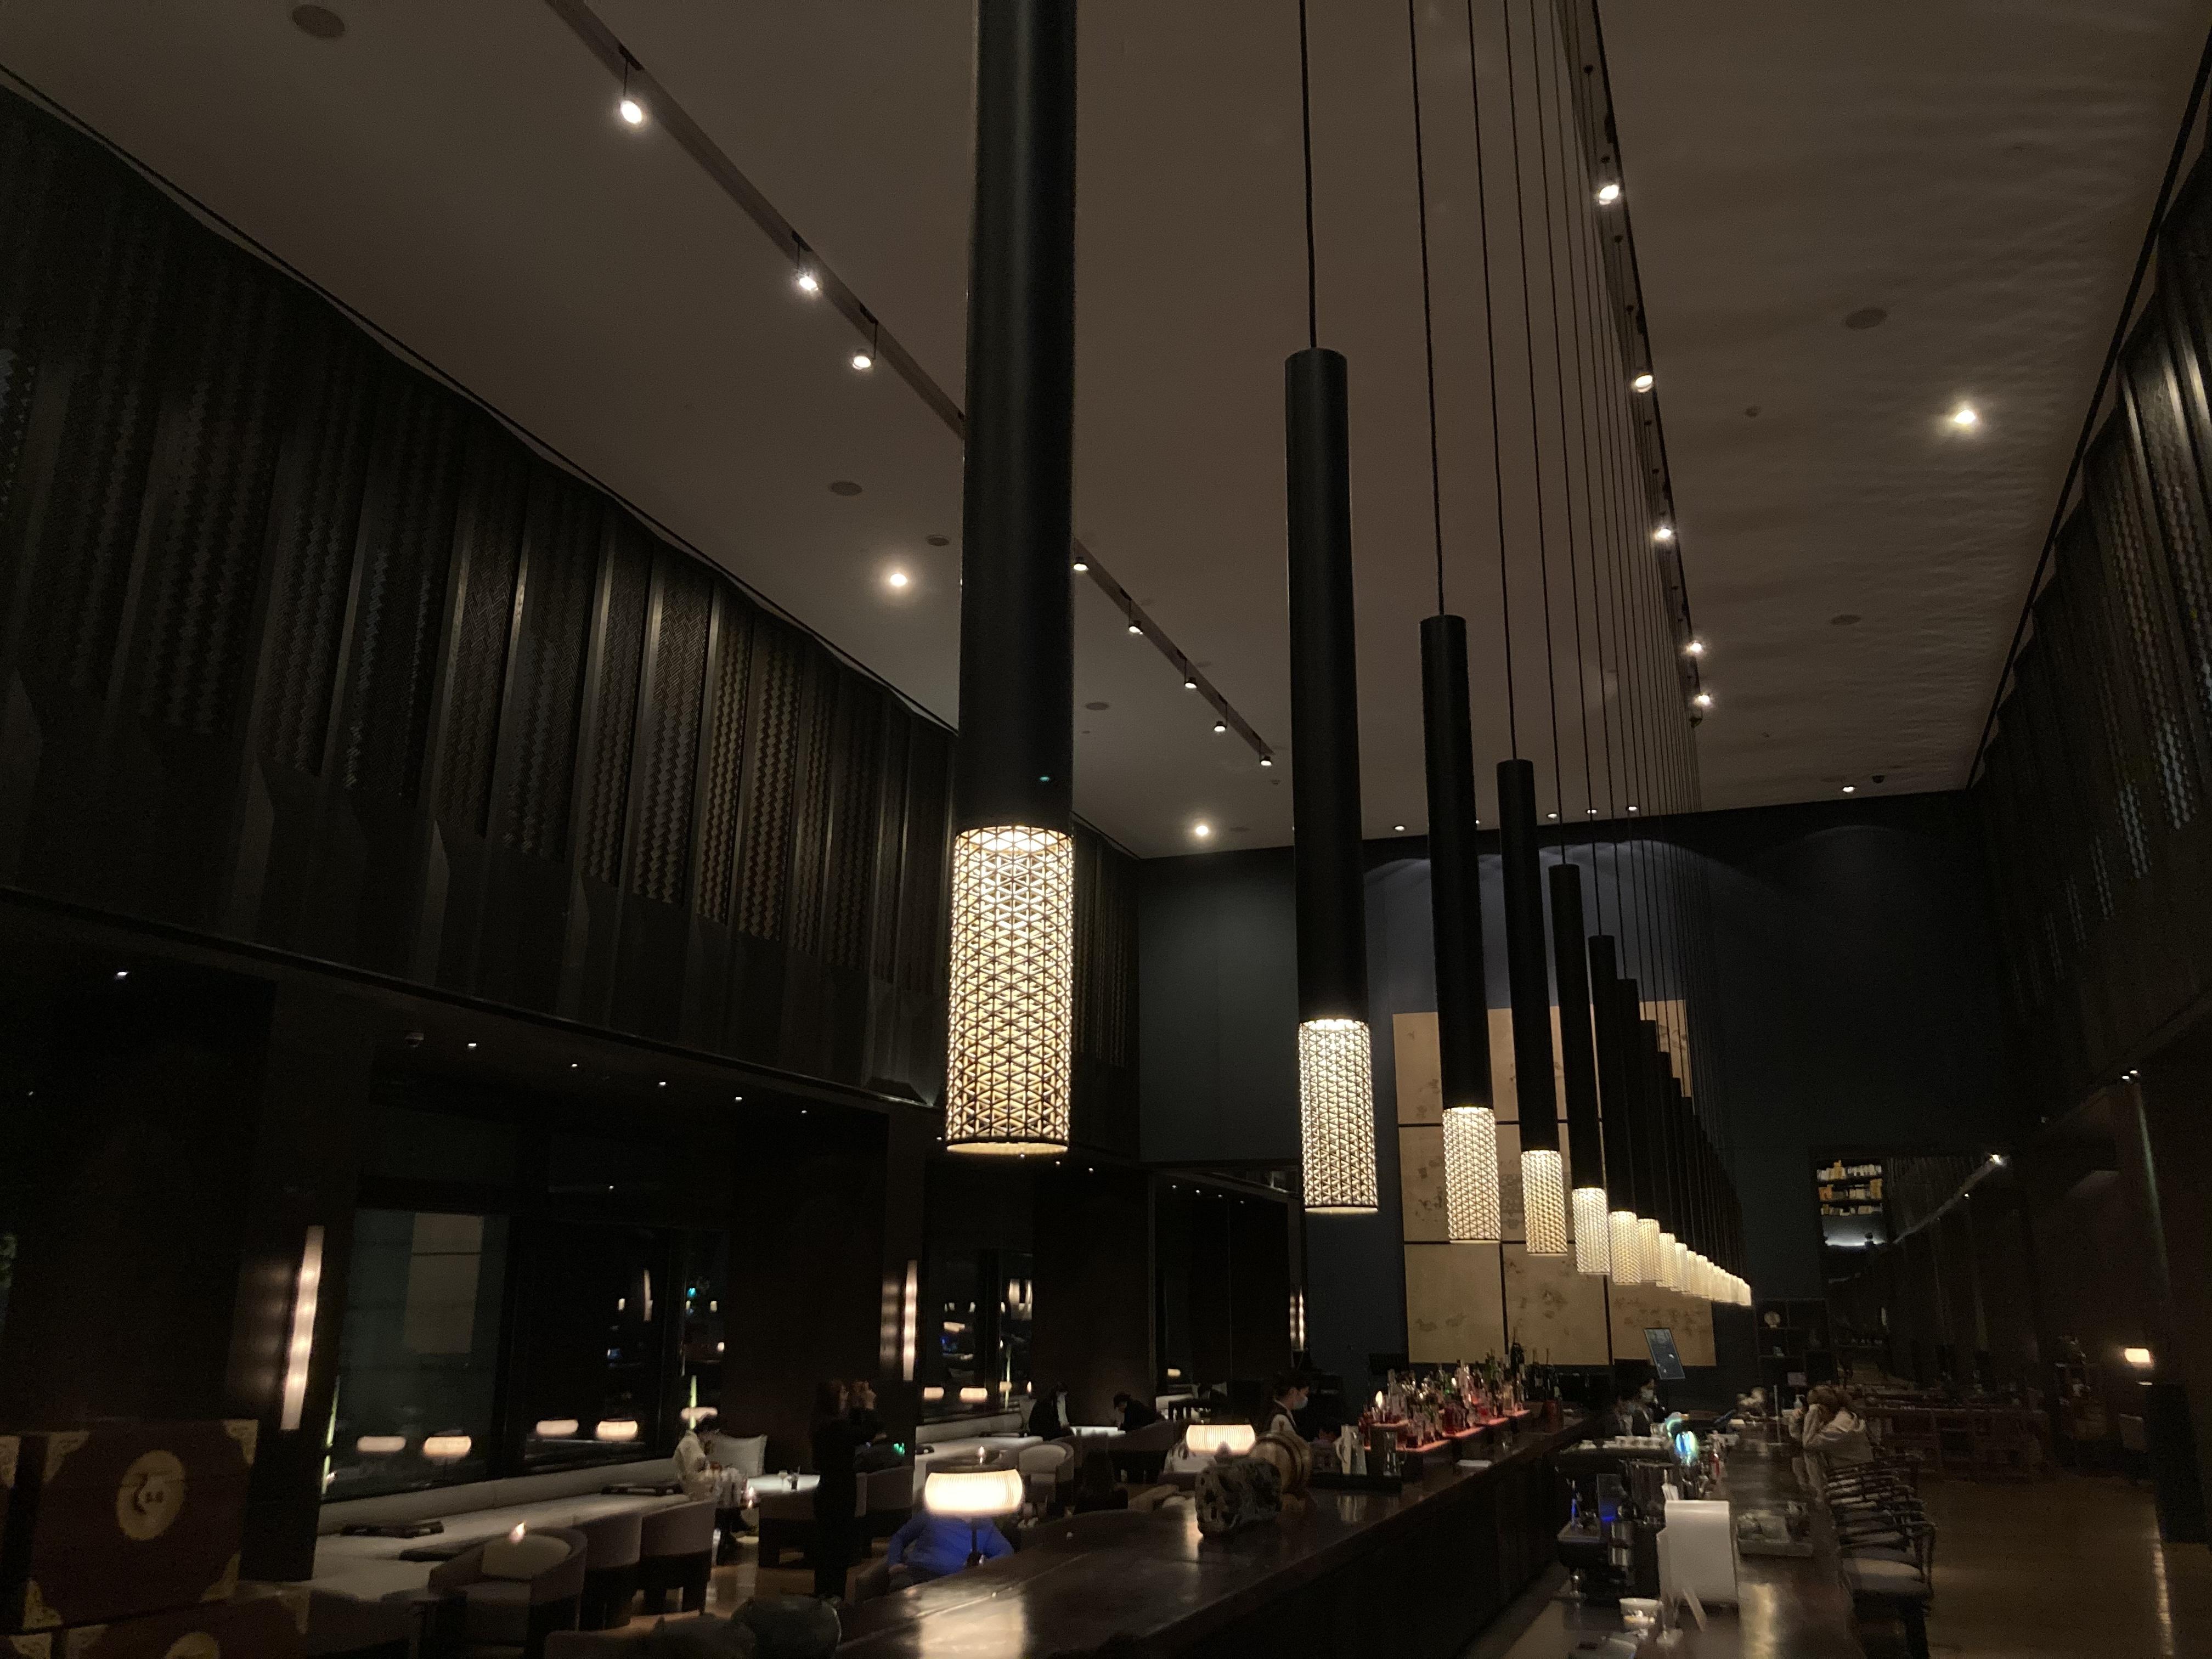 清明武汉行之璞系风格+凯悦美食+划算性价比-超棒的武汉光谷凯悦